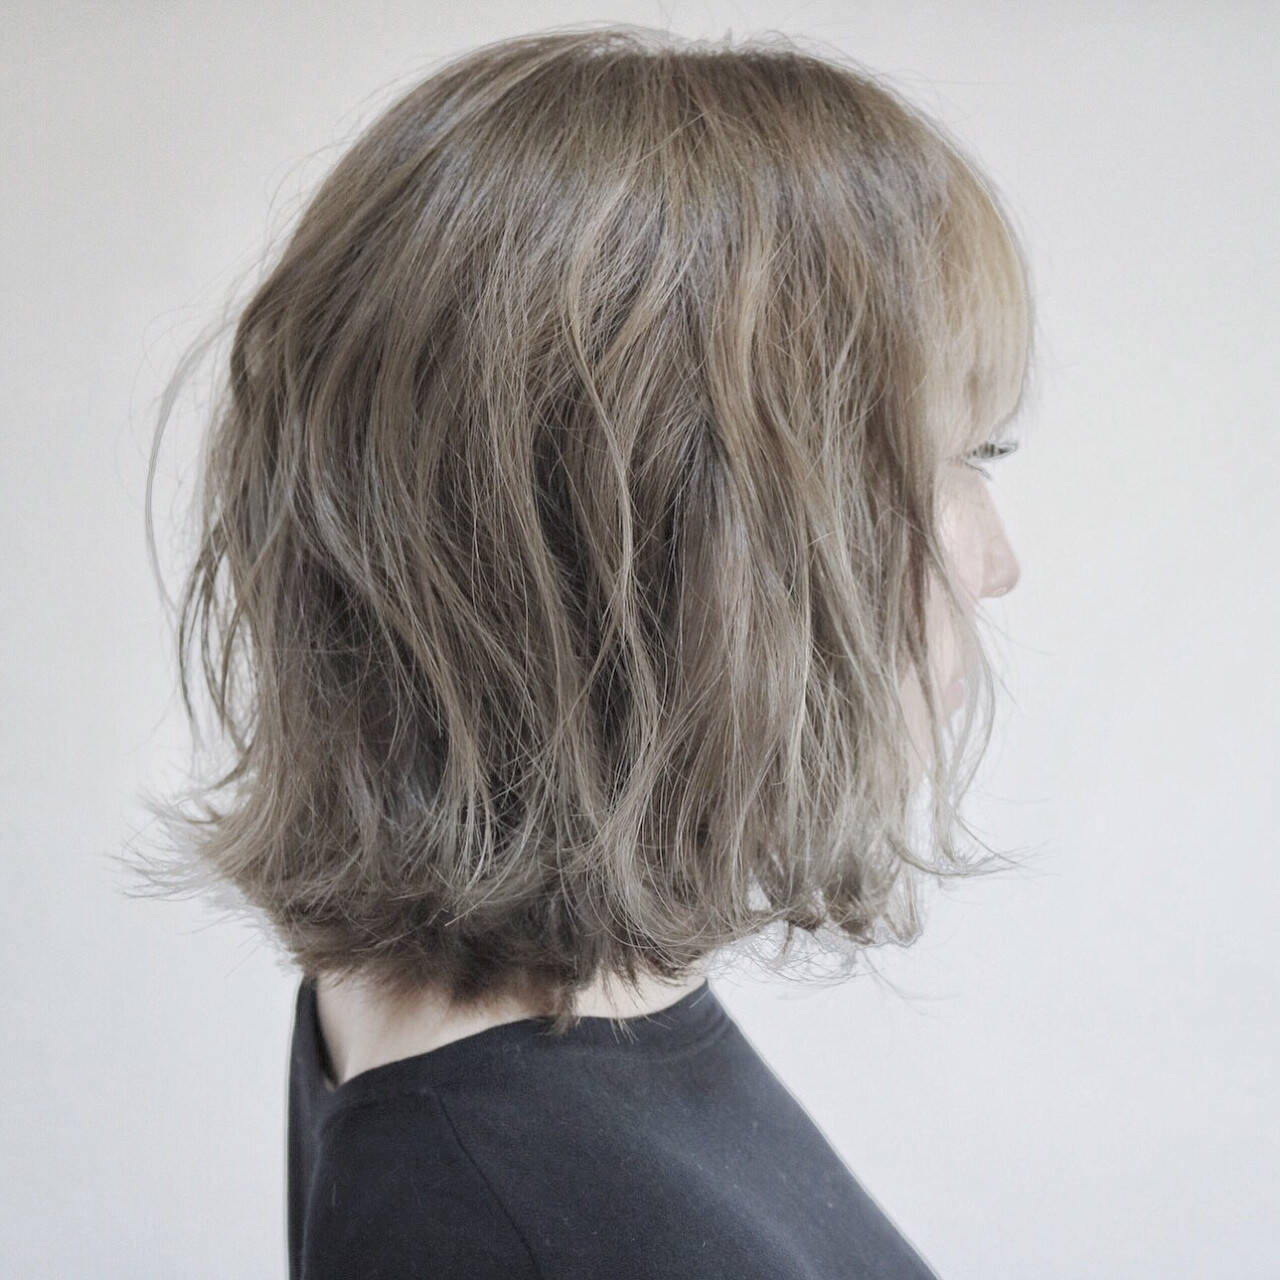 ハイトーン フェミニン ボブ 波ウェーブヘアスタイルや髪型の写真・画像